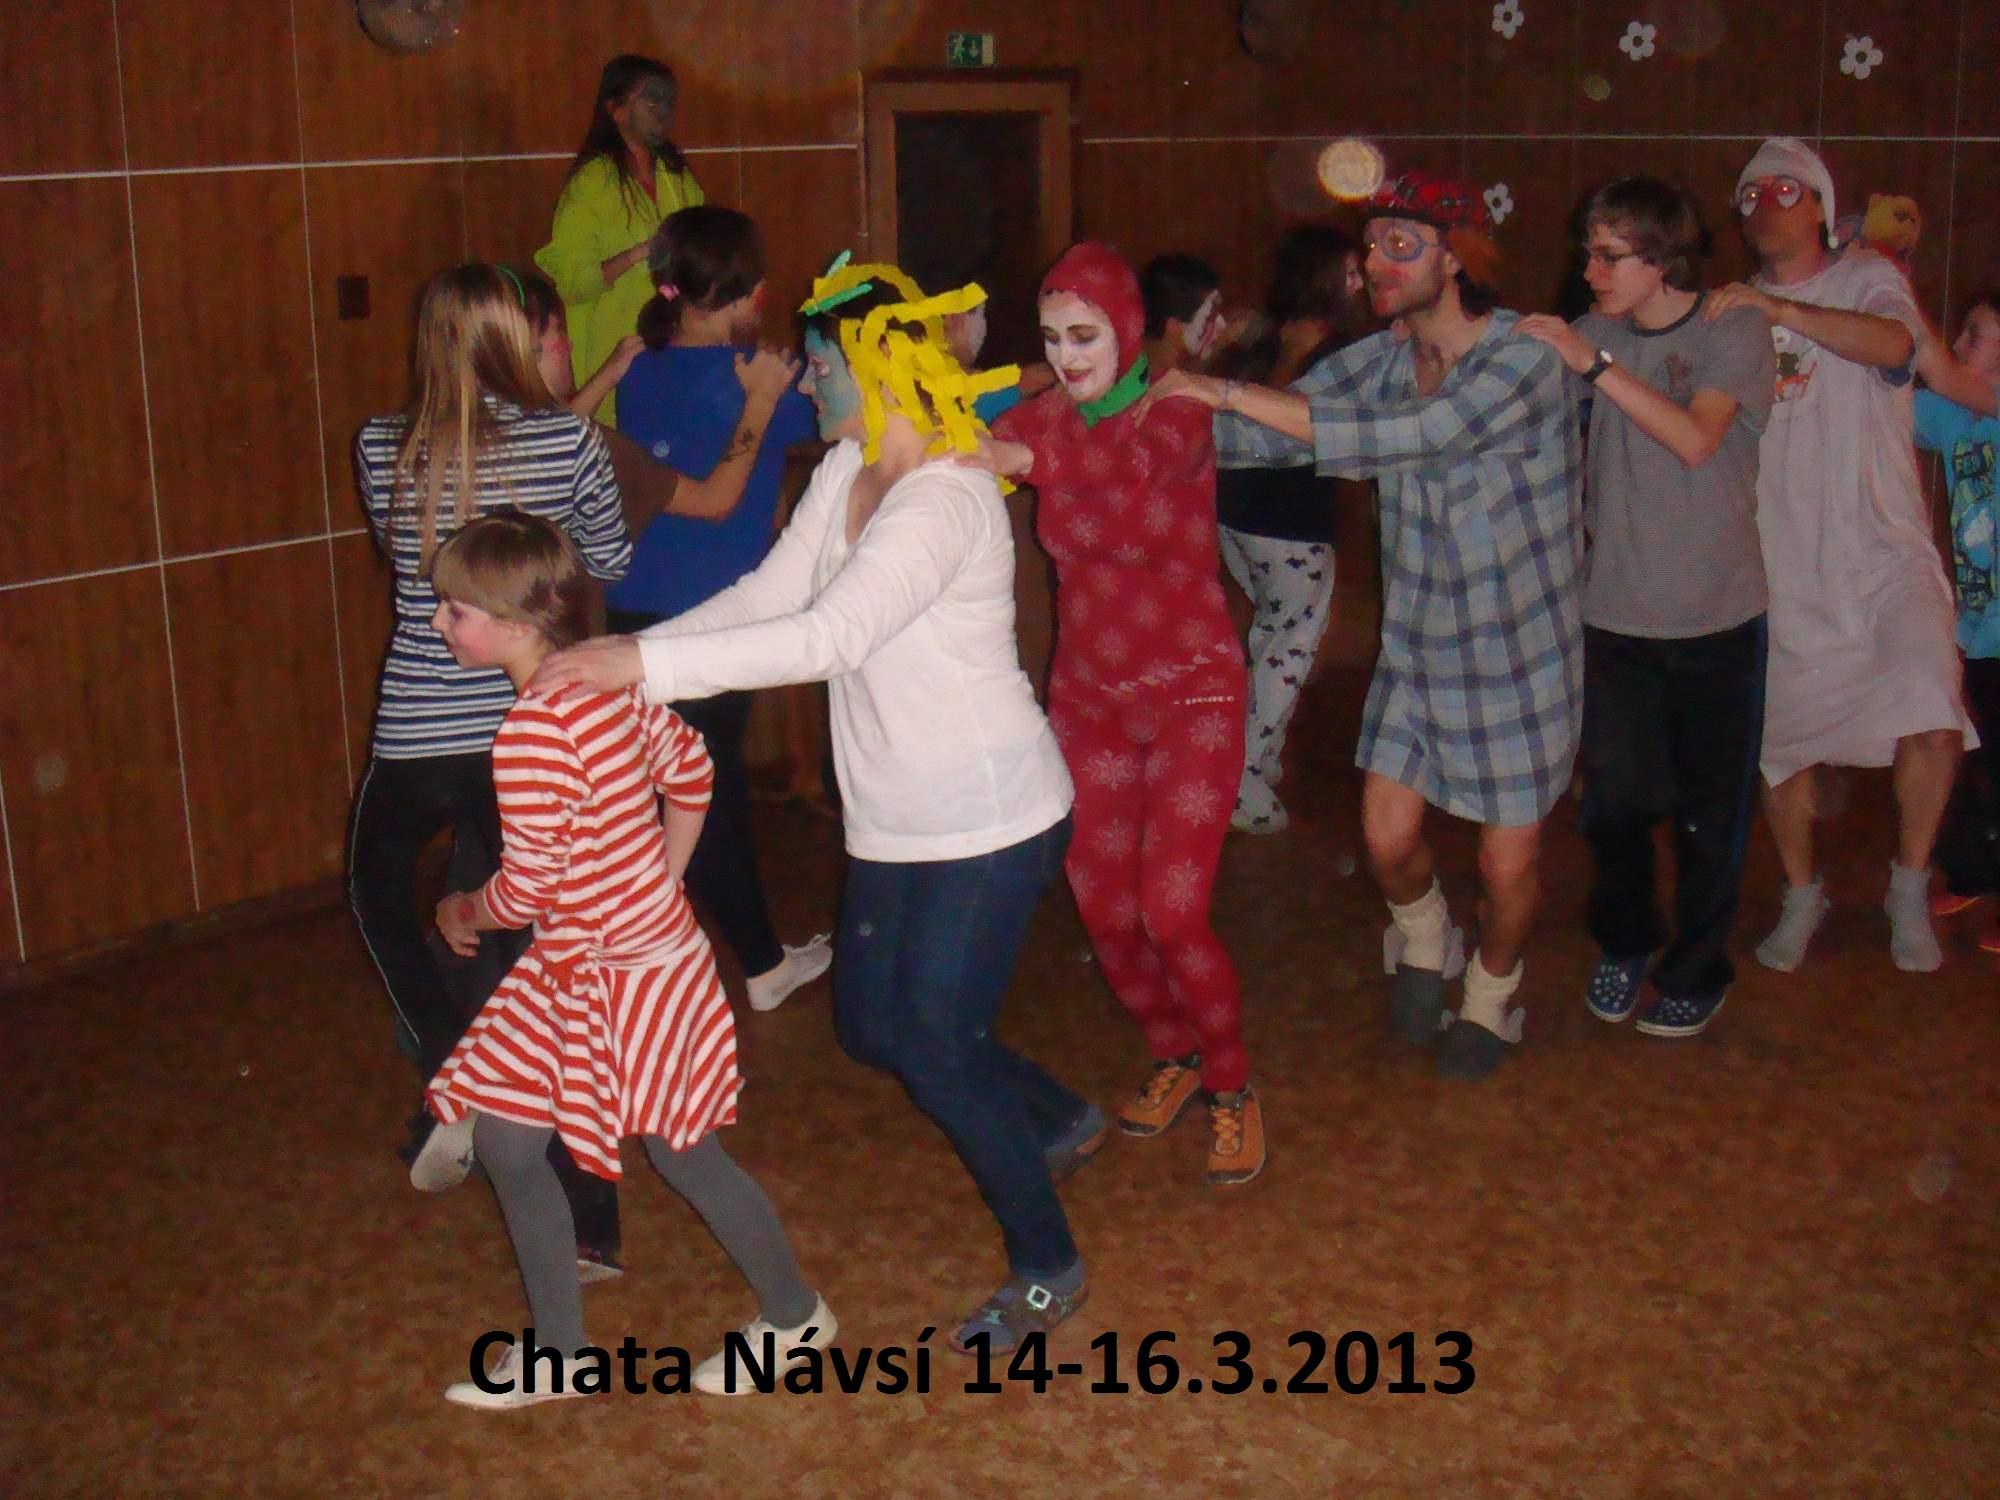 Navsi_14-16.3.2013